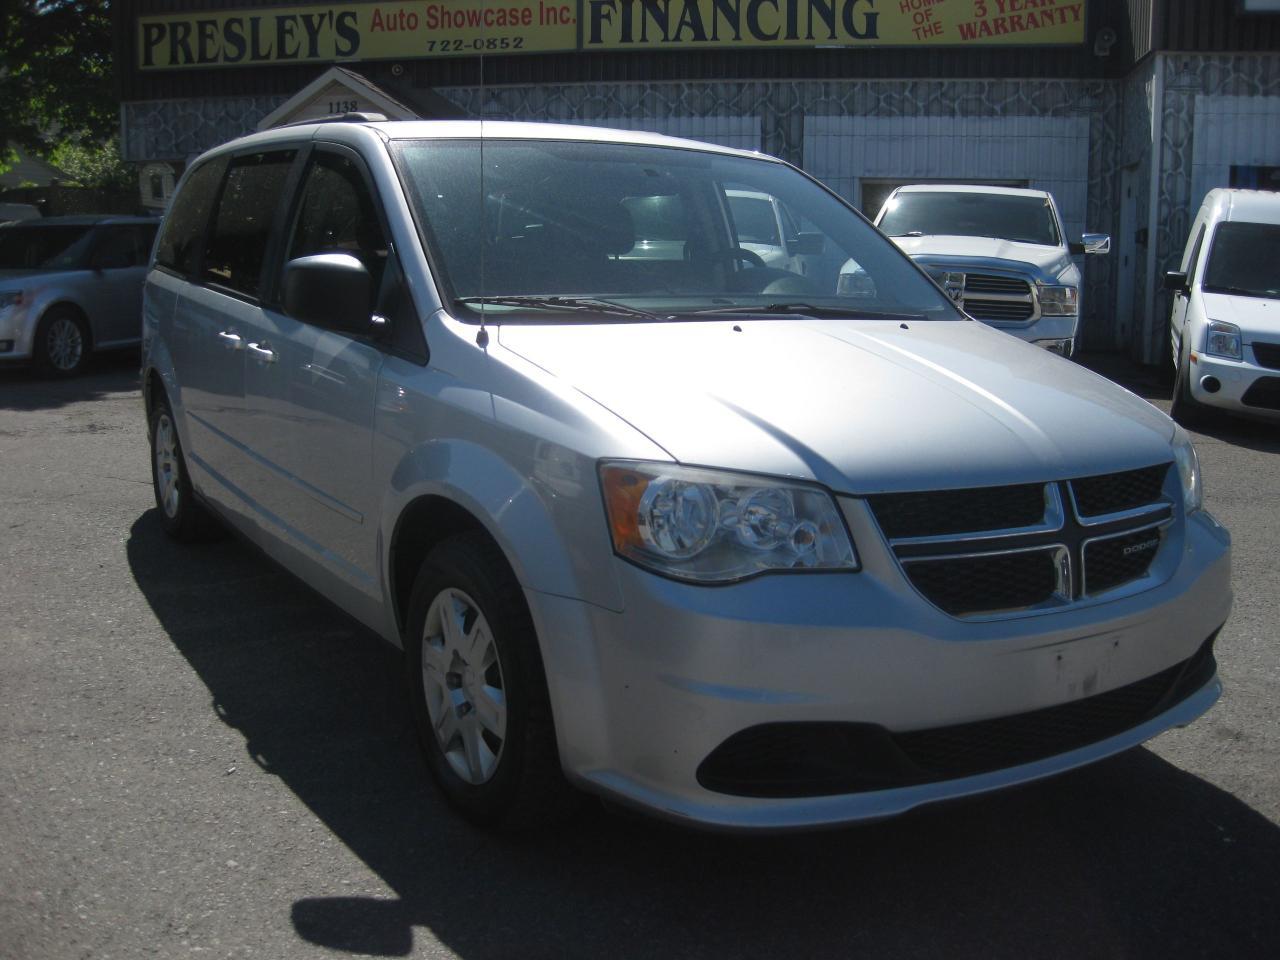 2011 Dodge Grand Caravan SE Auto 6cyl. FWD 7pass AC PL PM PW Stow N Go